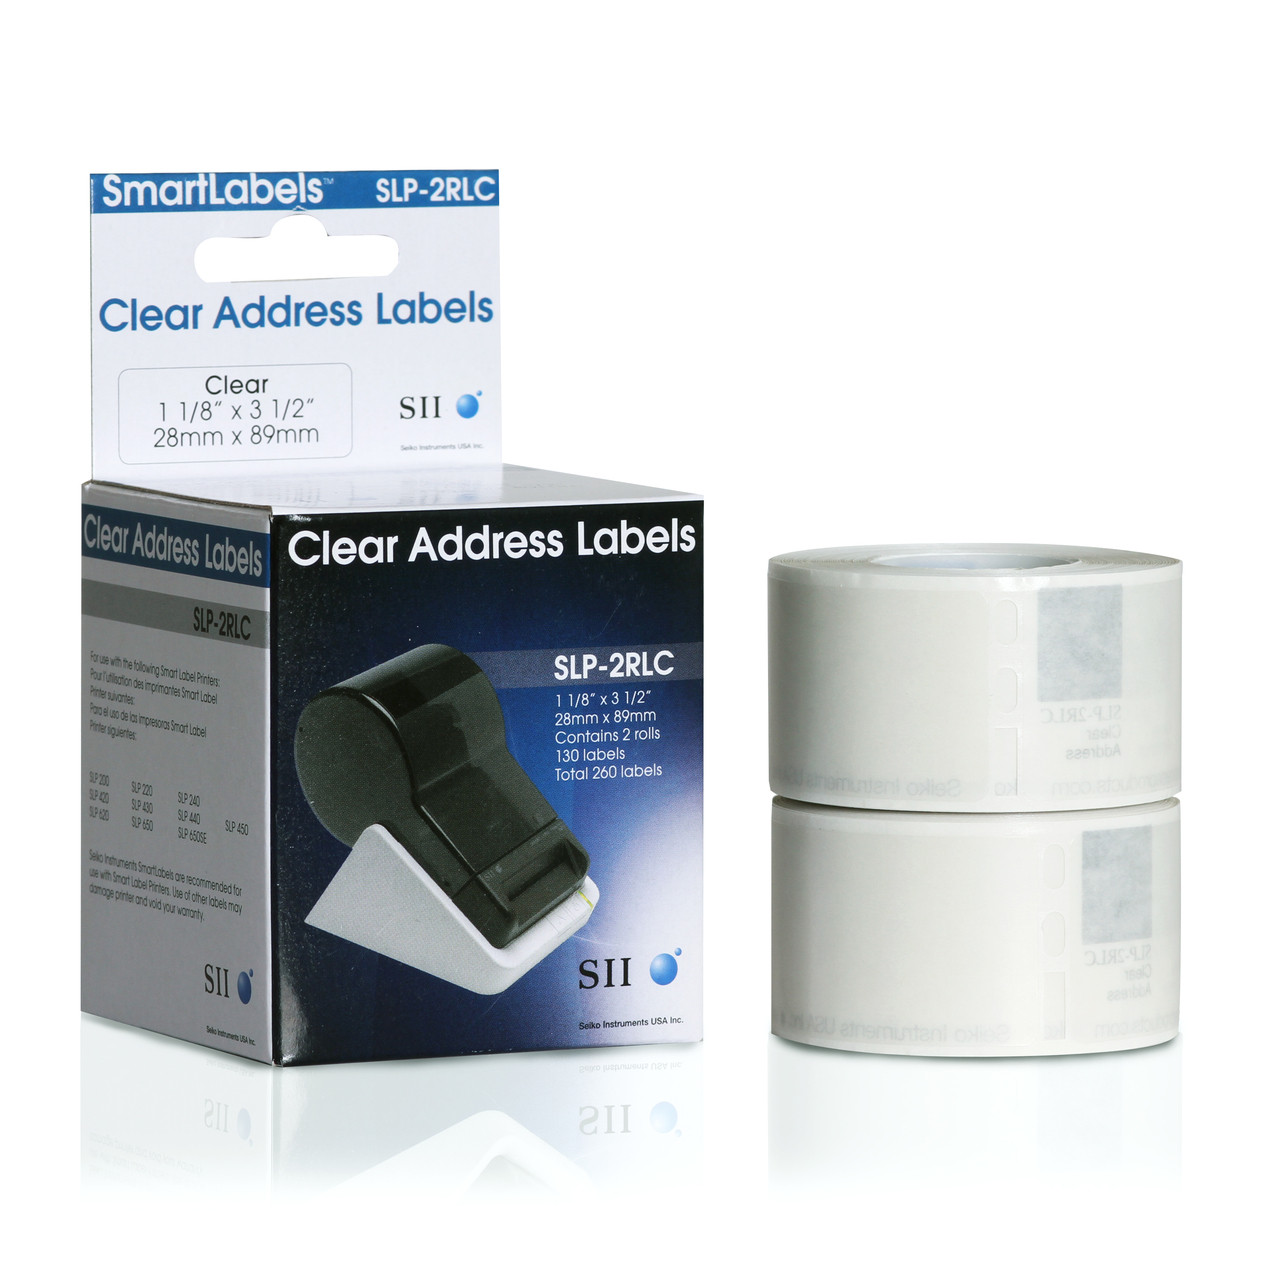 Seiko SLP620/650 1.125 x 3.5 Clear Address Inkjet Labels SLP-2RLC